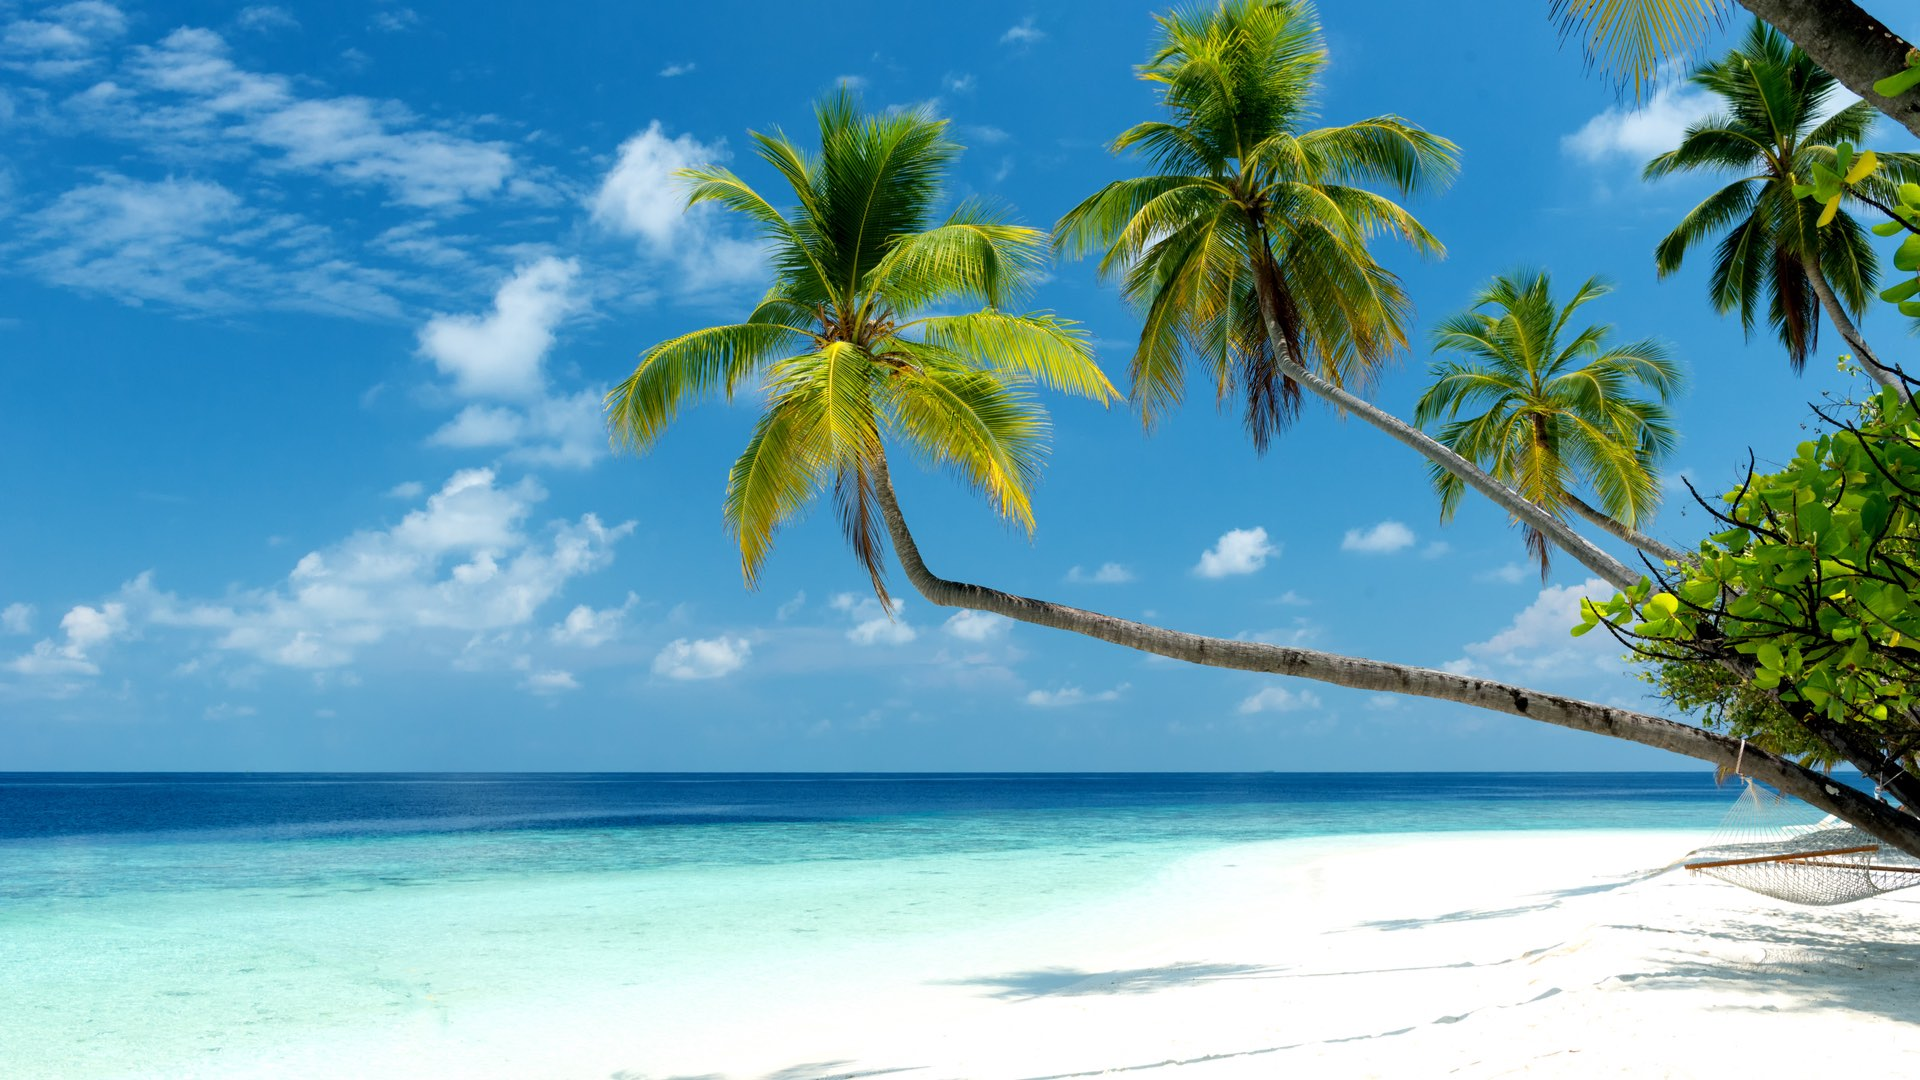 Malediven | ©Micha Rosenwirth/Shutterstock.com